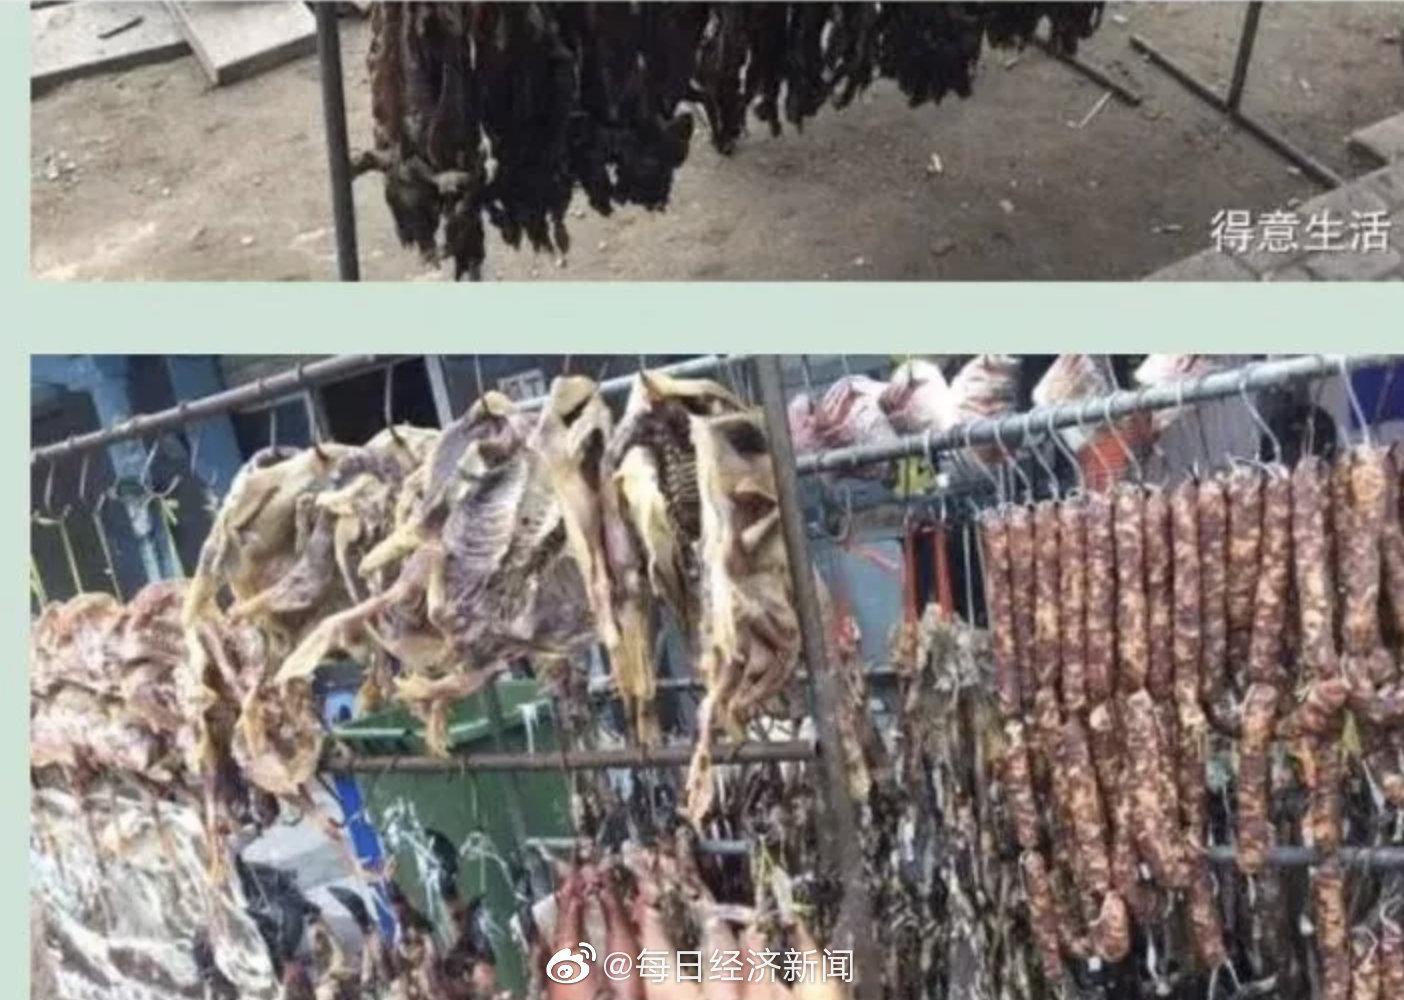 野生 武漢 動物 市場